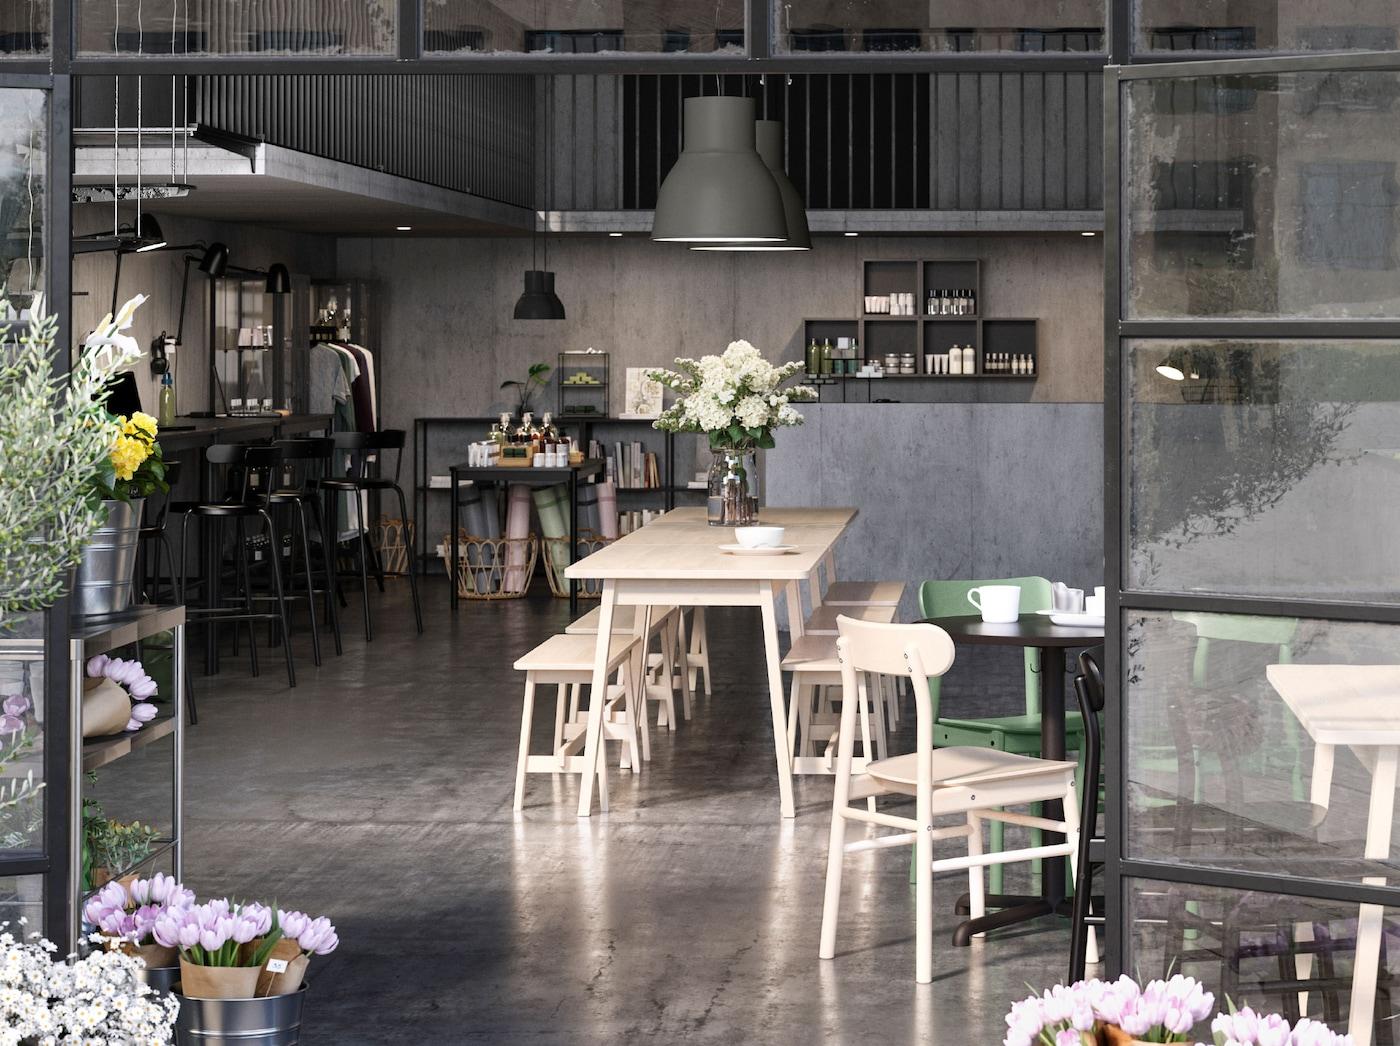 Um café, loja e espaço de coworking em plano aberto, enquadrado por duas portas envidraçadas abertas. Flores na mesa e junto às portas.